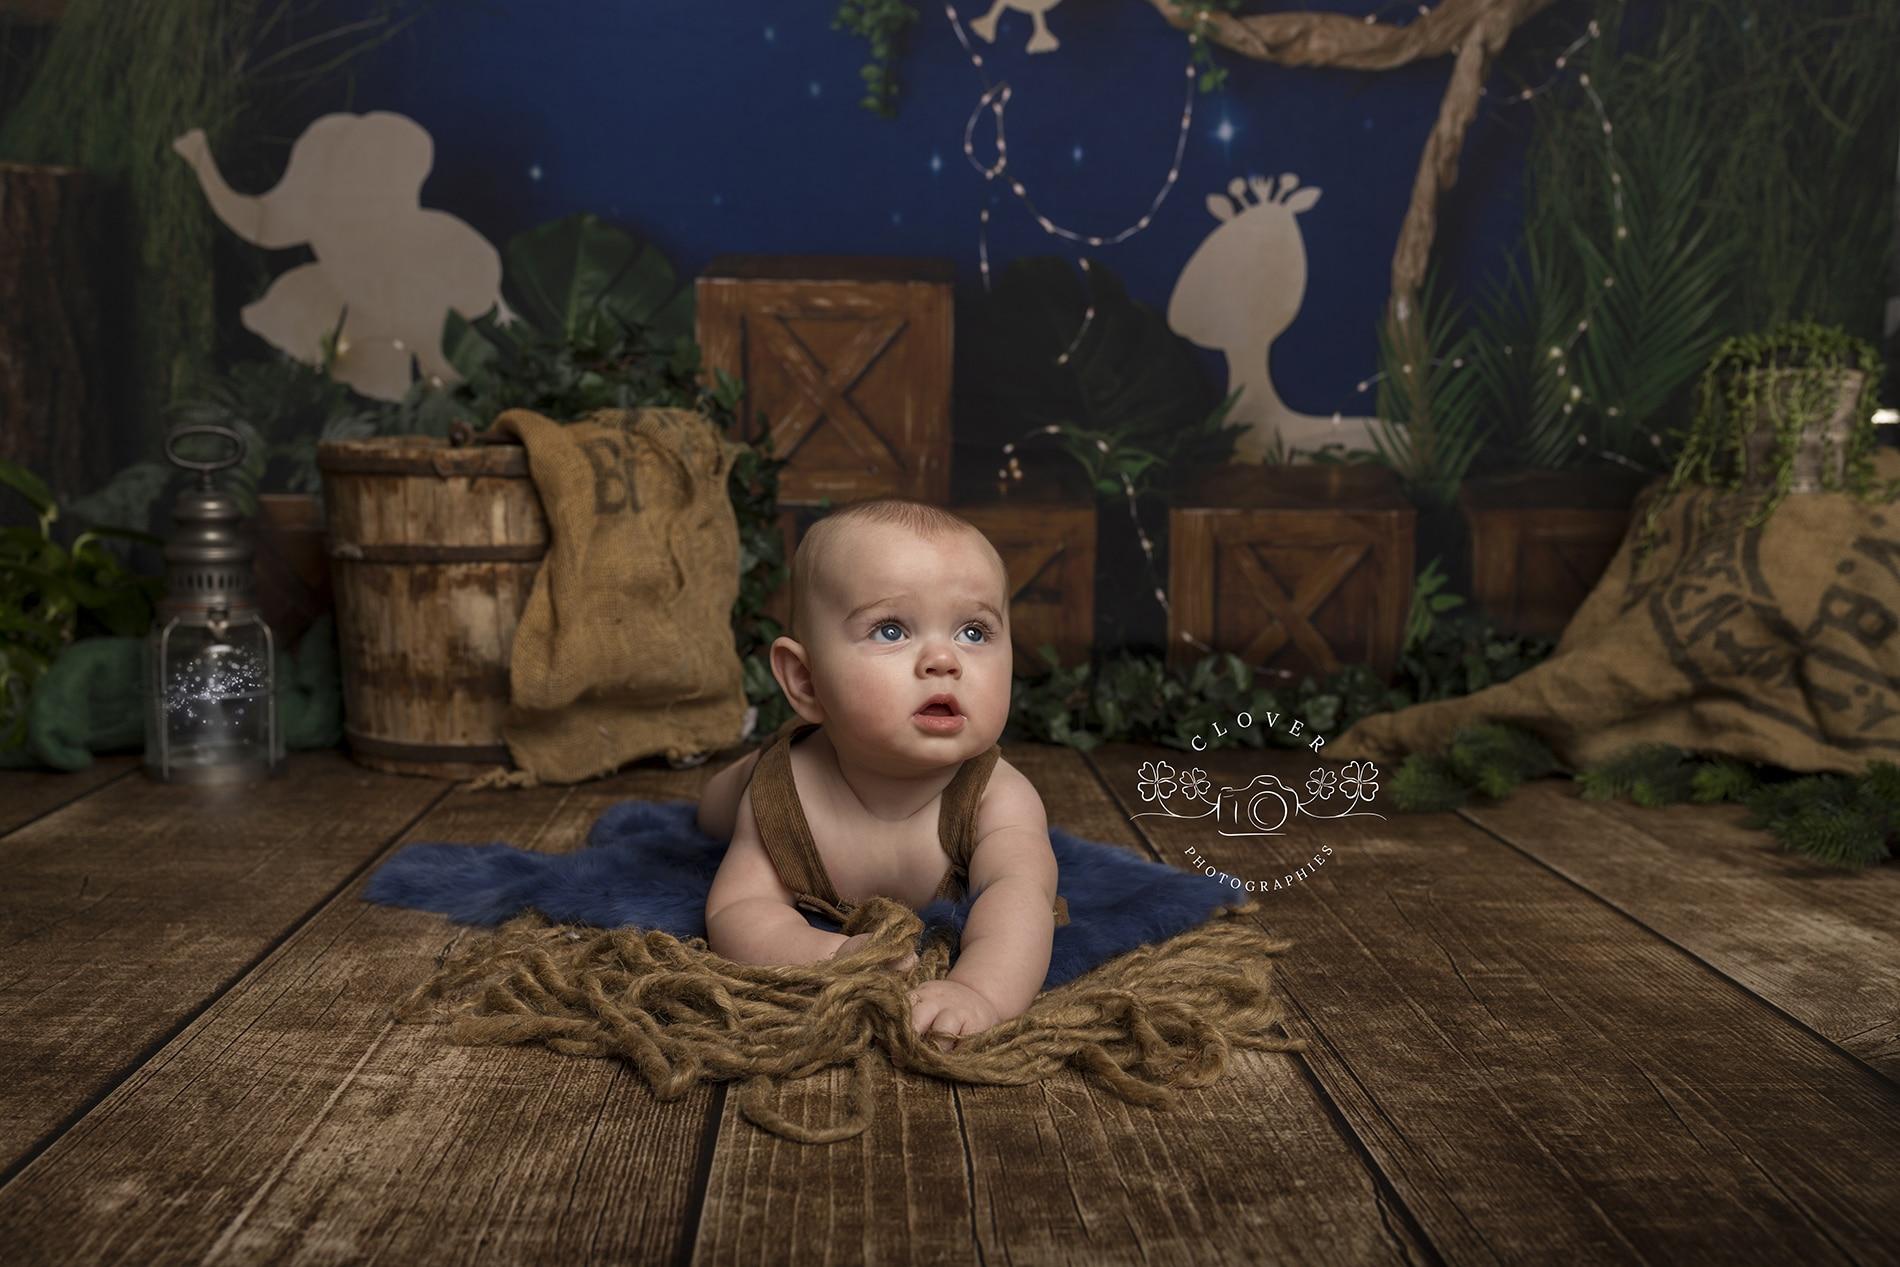 séance photo bébé strasbourg thème jungle - clover photographies